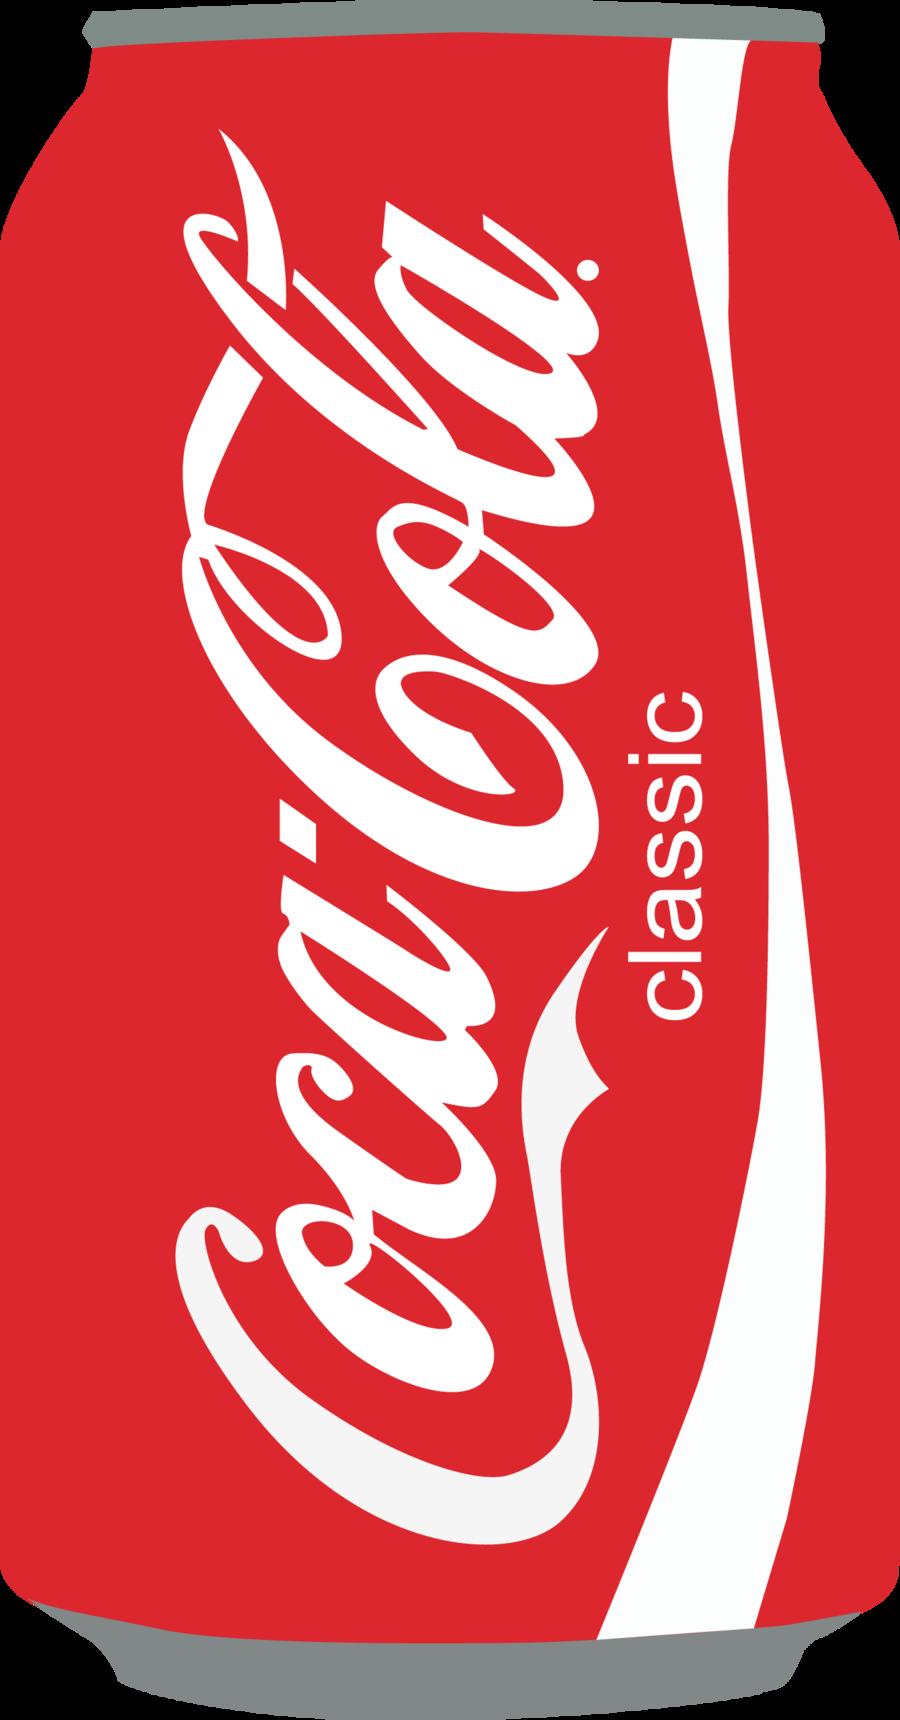 Soda clipart Cliparts Soda Clipartix images clipart